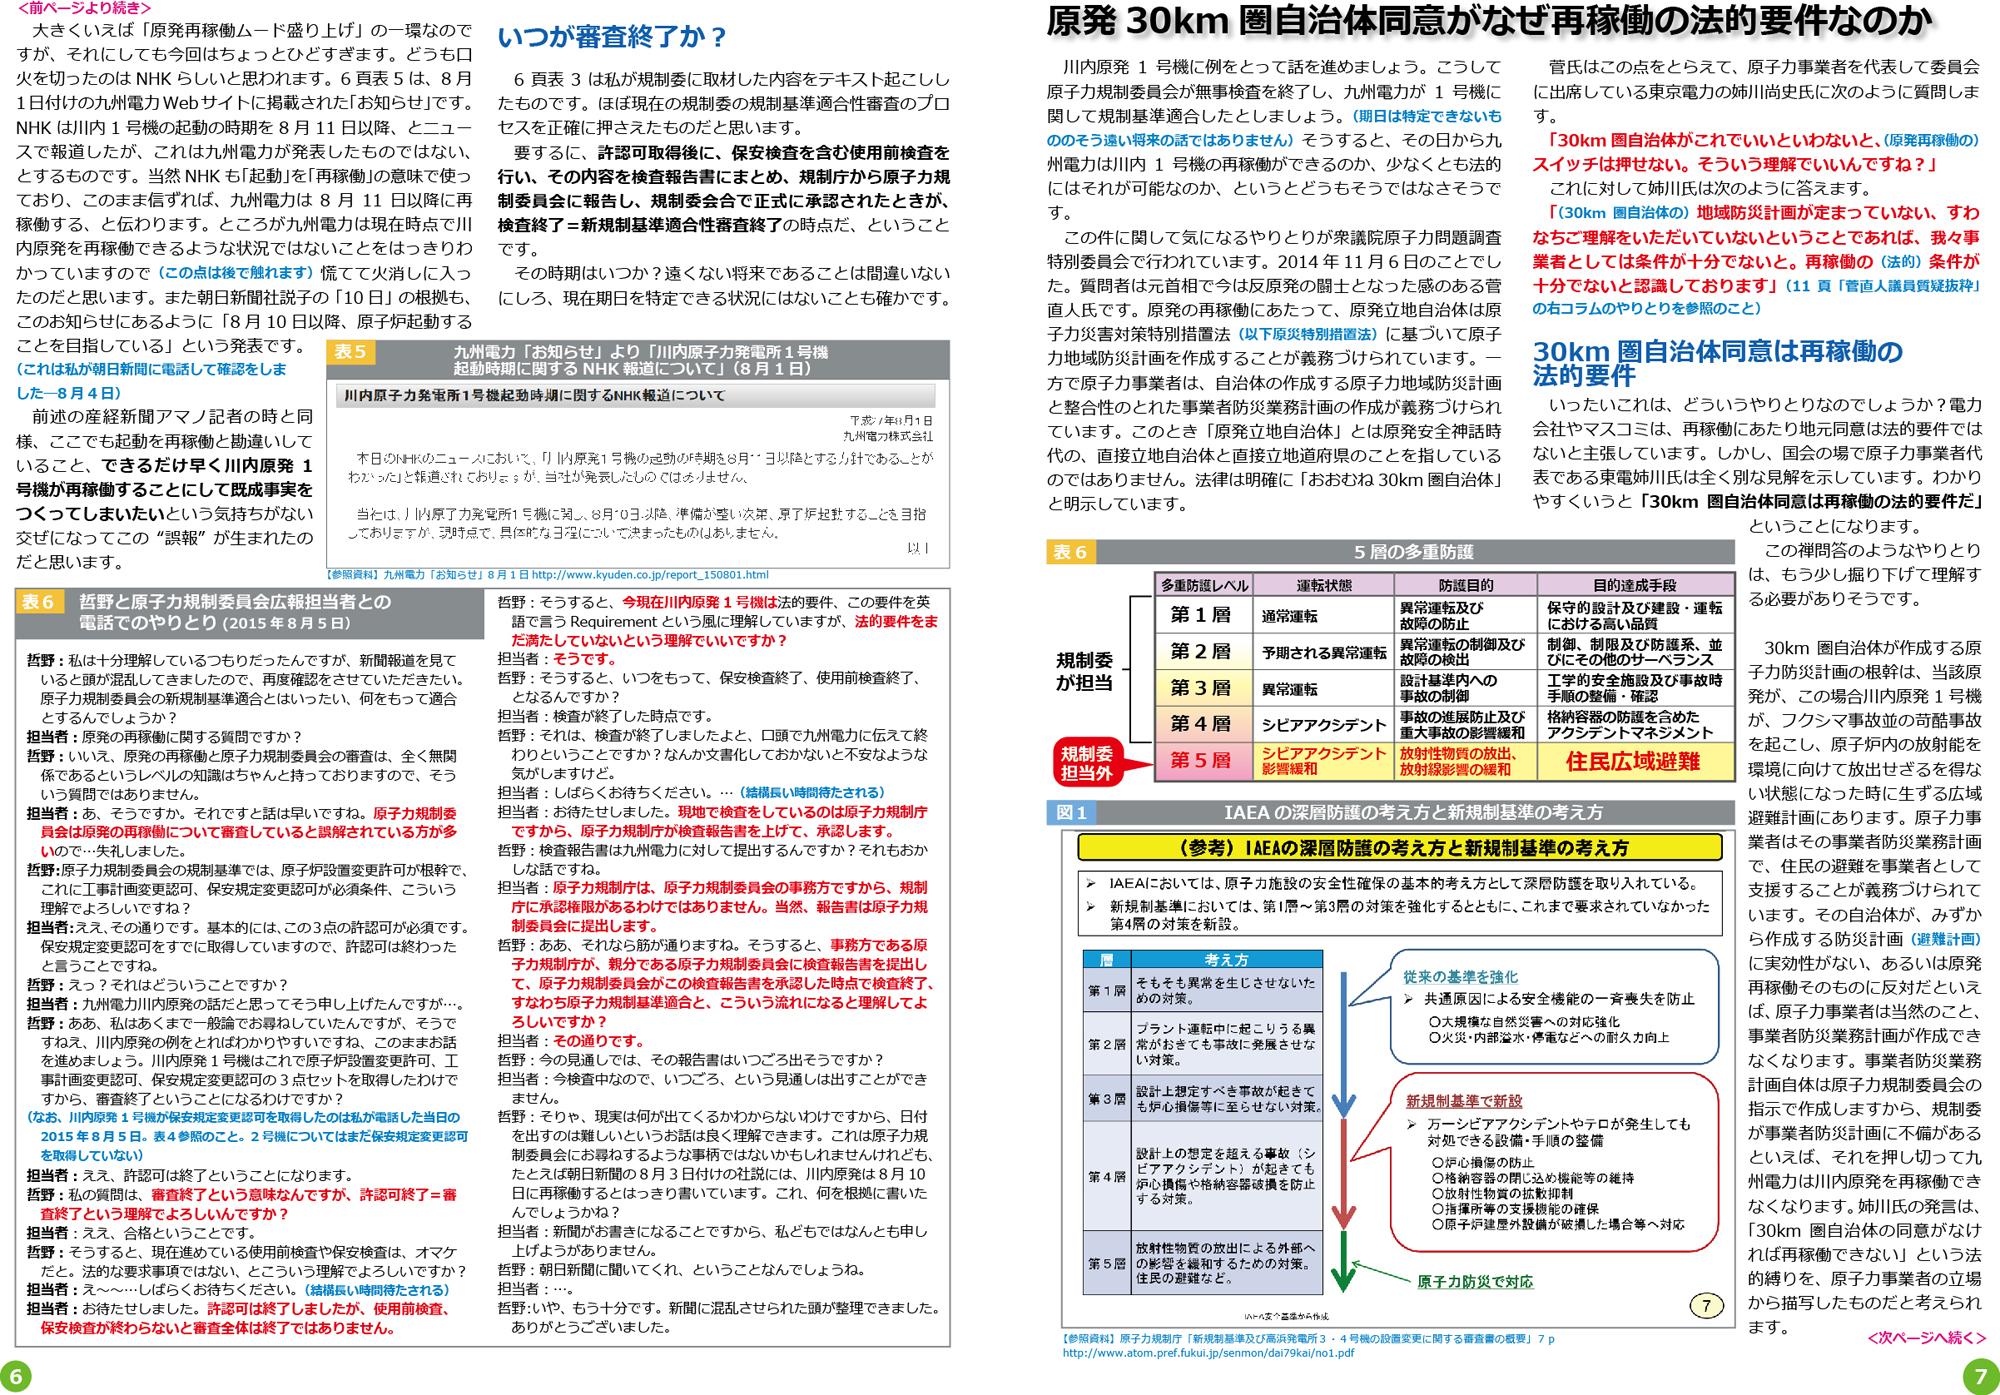 ファイル 435-4.jpg